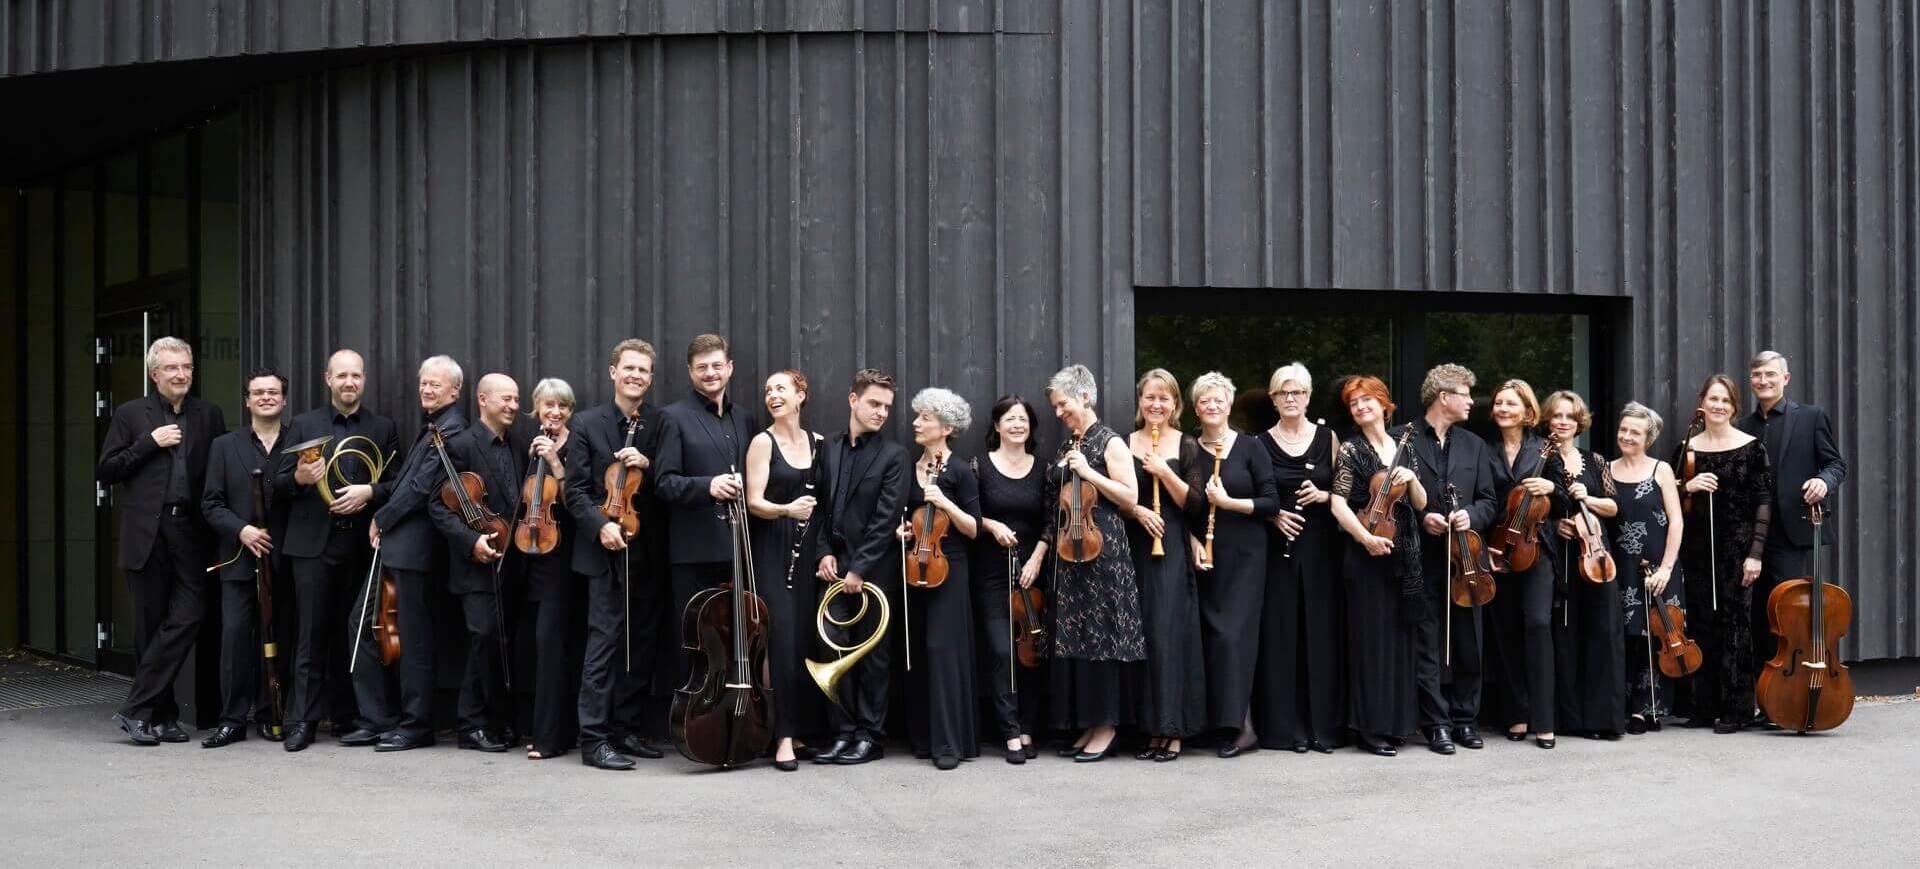 Freiburger Barockorchester (© Annelies van der Vegt / FBO)